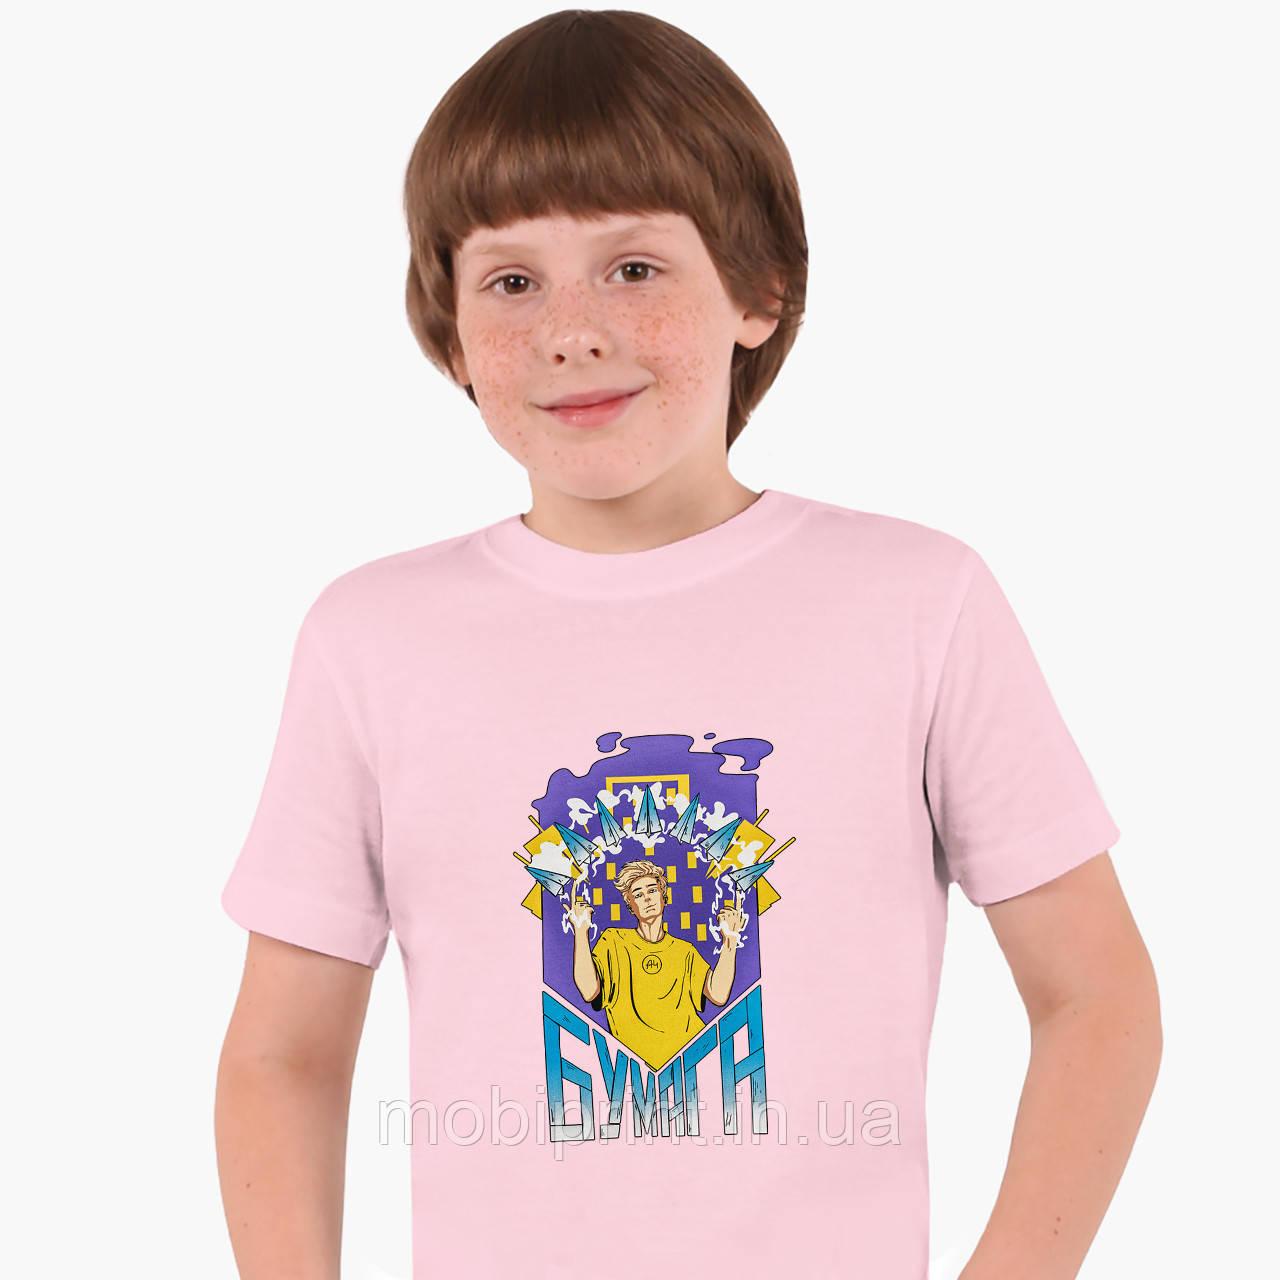 Детская футболка для мальчиков блогер Влад Бумага А4 (blogger Vlad A4) (25186-2617) Розовый